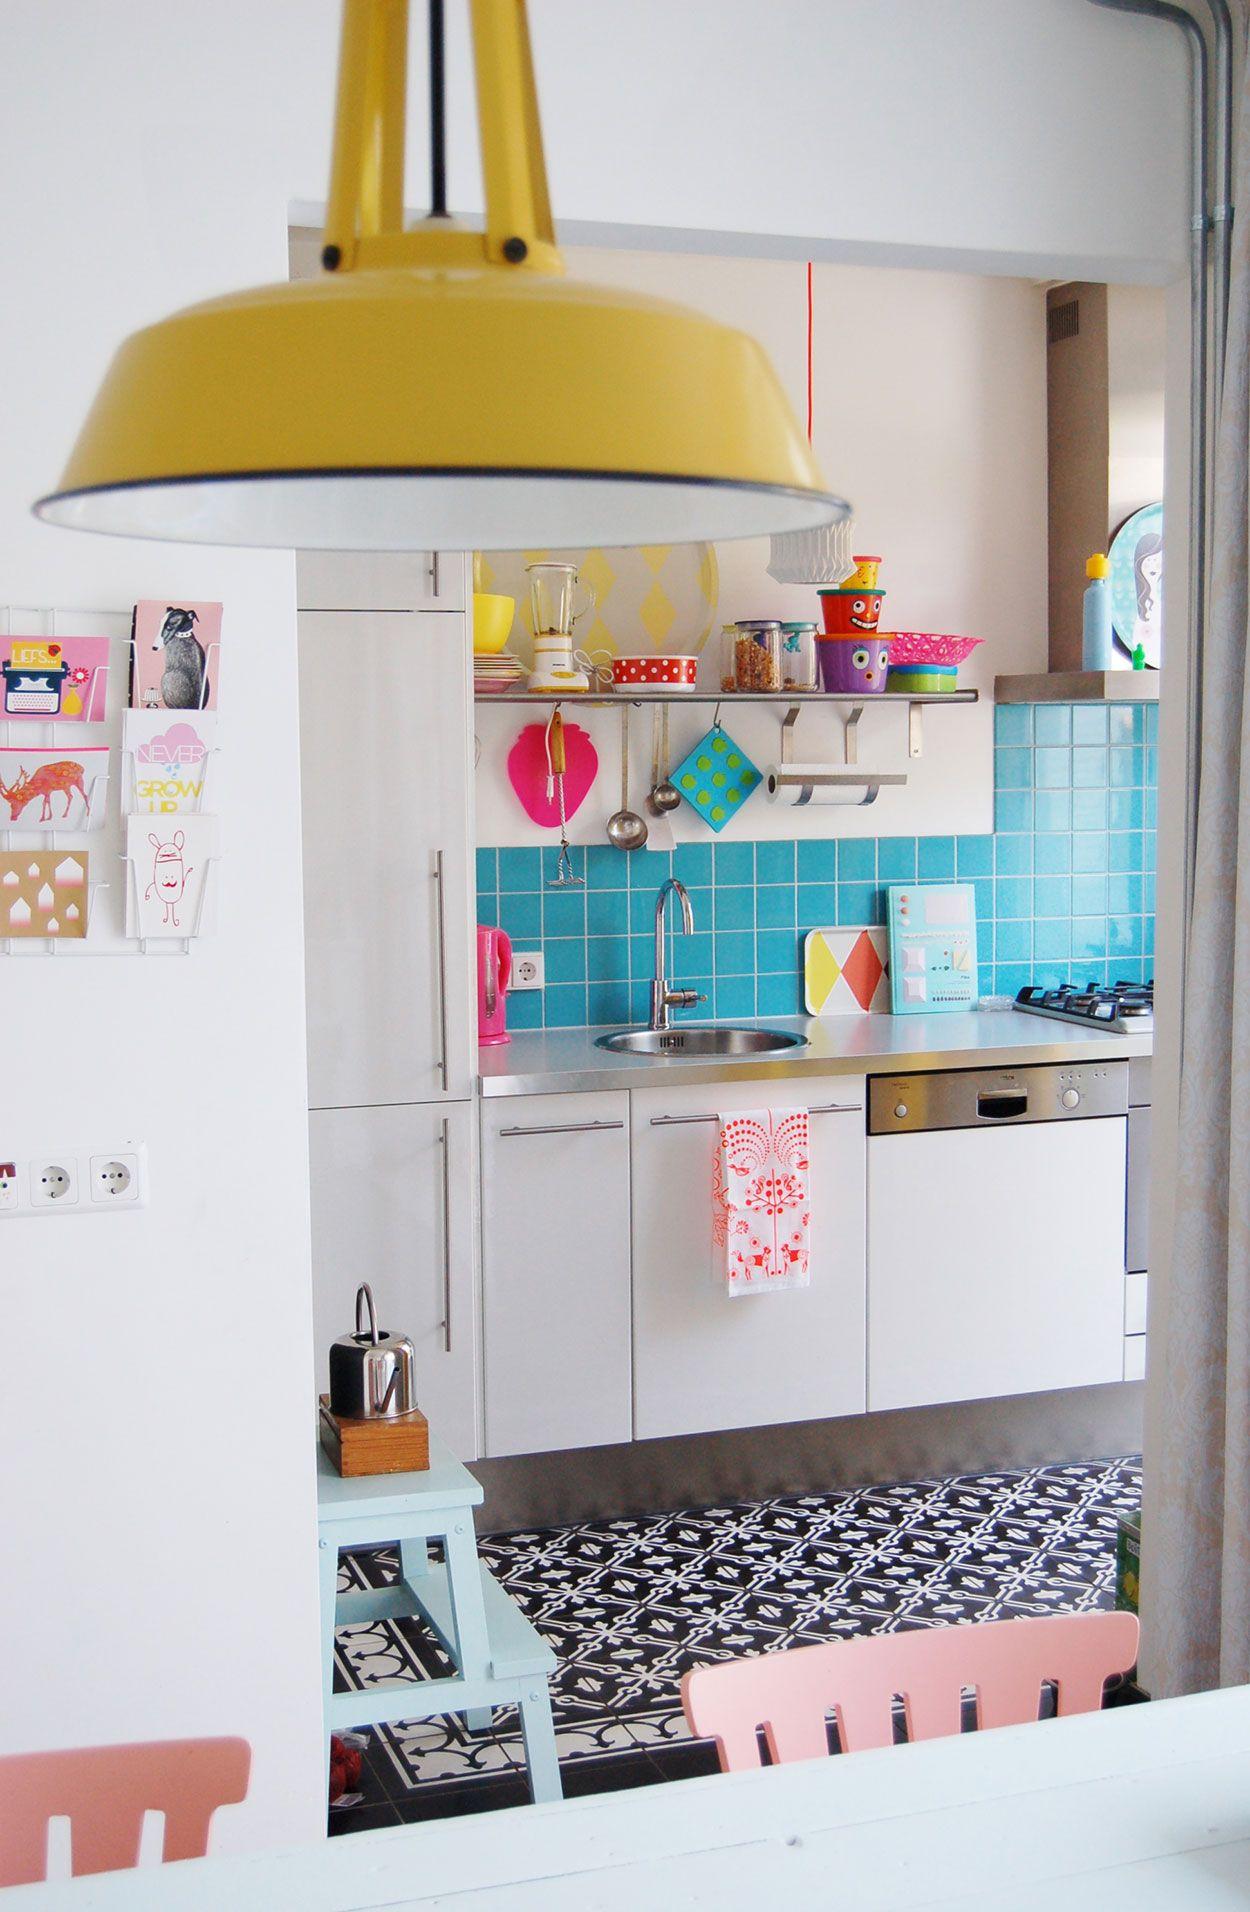 Os utensílios aparentes decoram ainda mais a cozinha